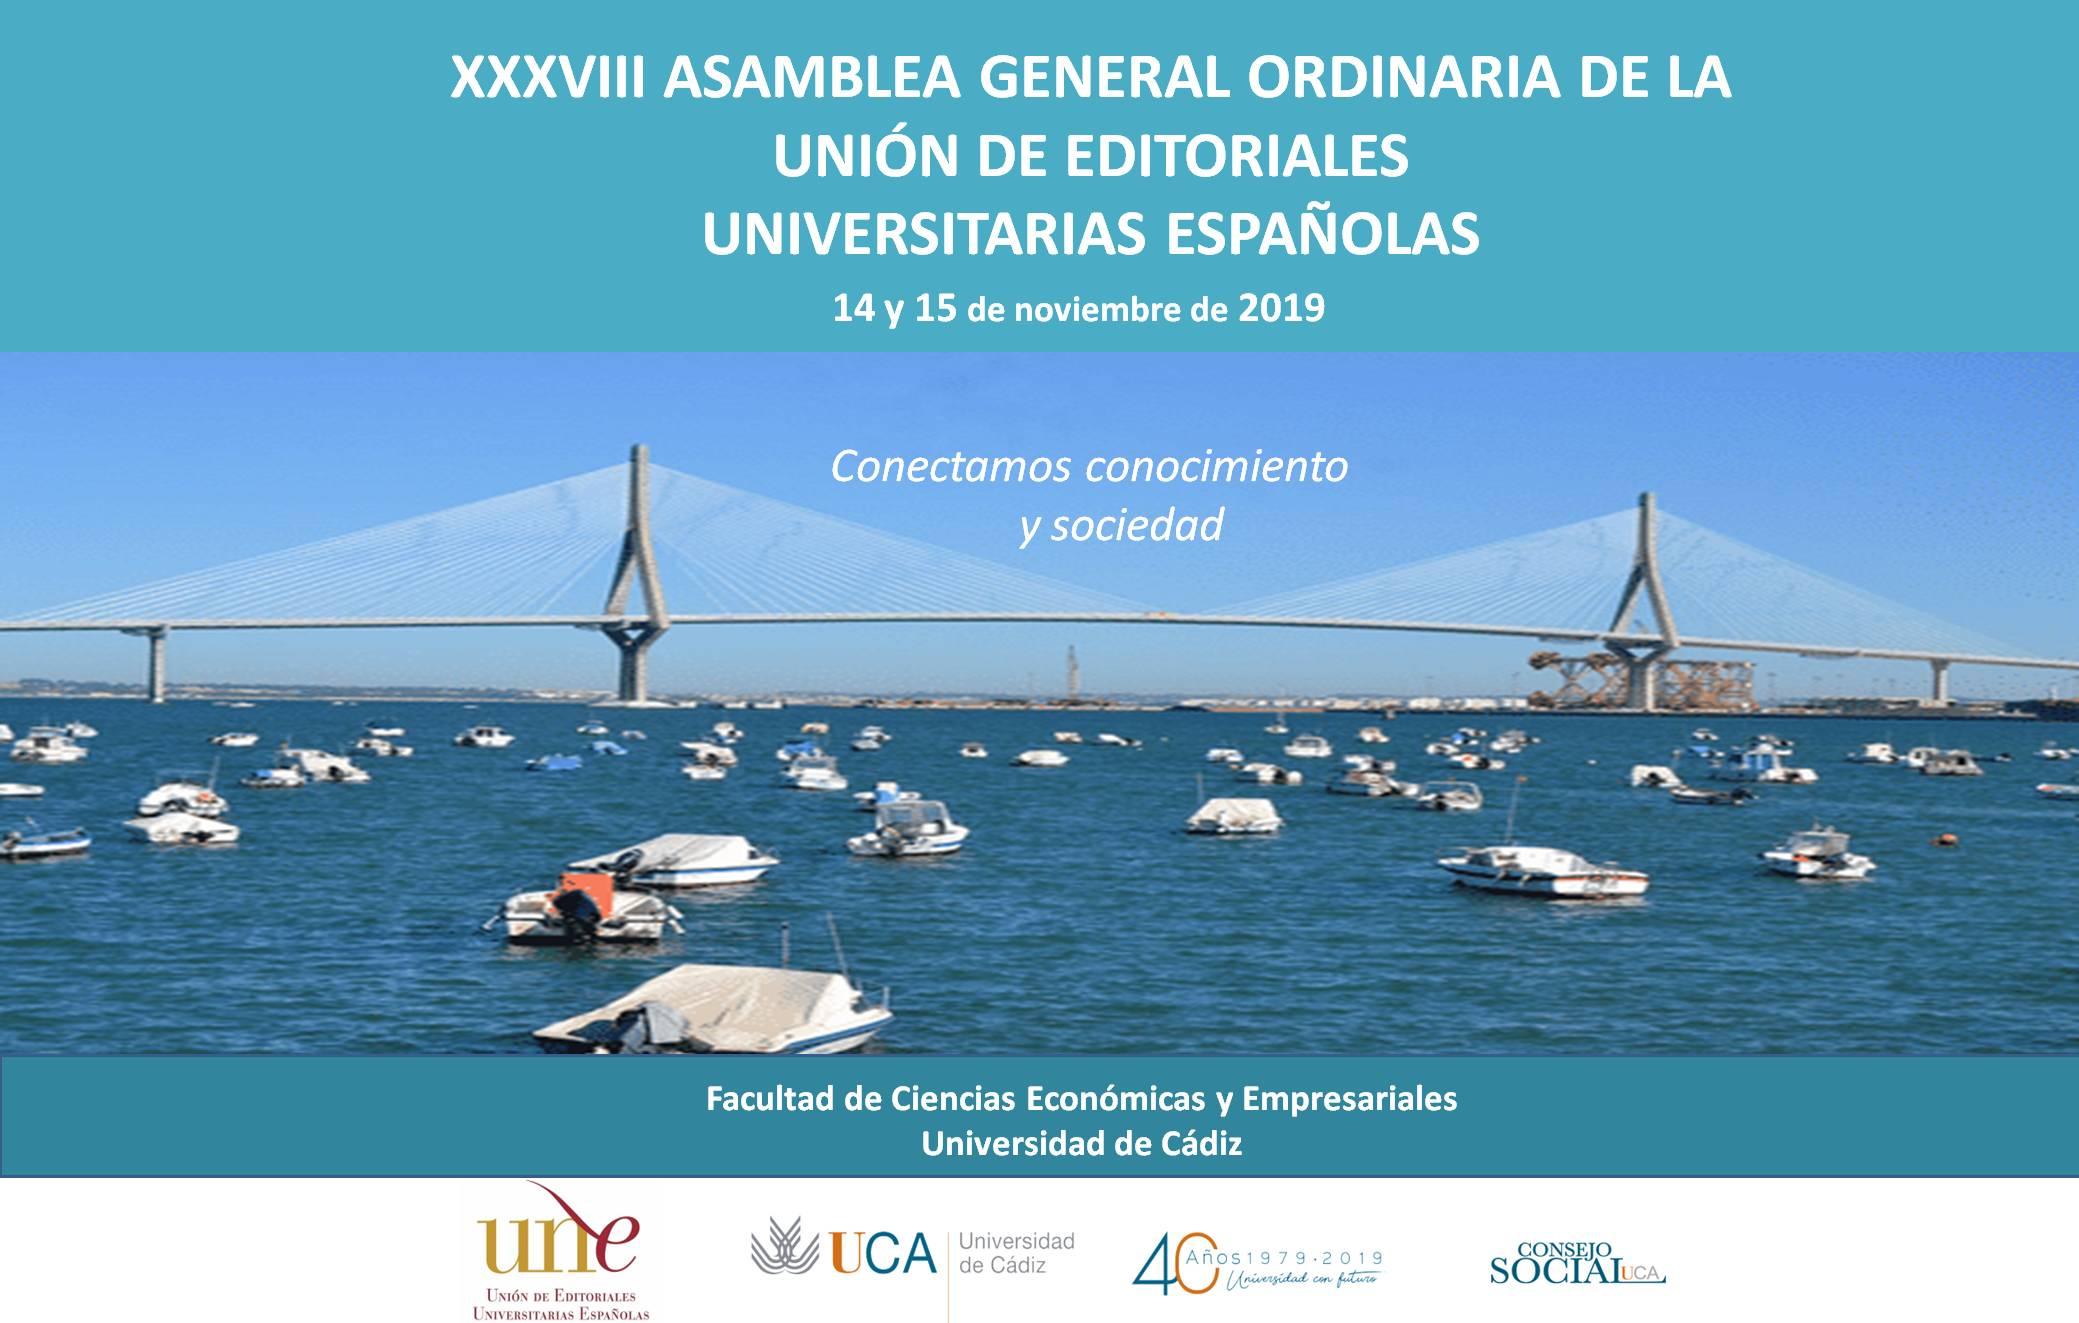 XXXVIII ASAMBLEA GENERAL ORDINARIA DE LA UNIÓN DE EDITORIALES UNIVERSITARIAS ESPAÑOLAS